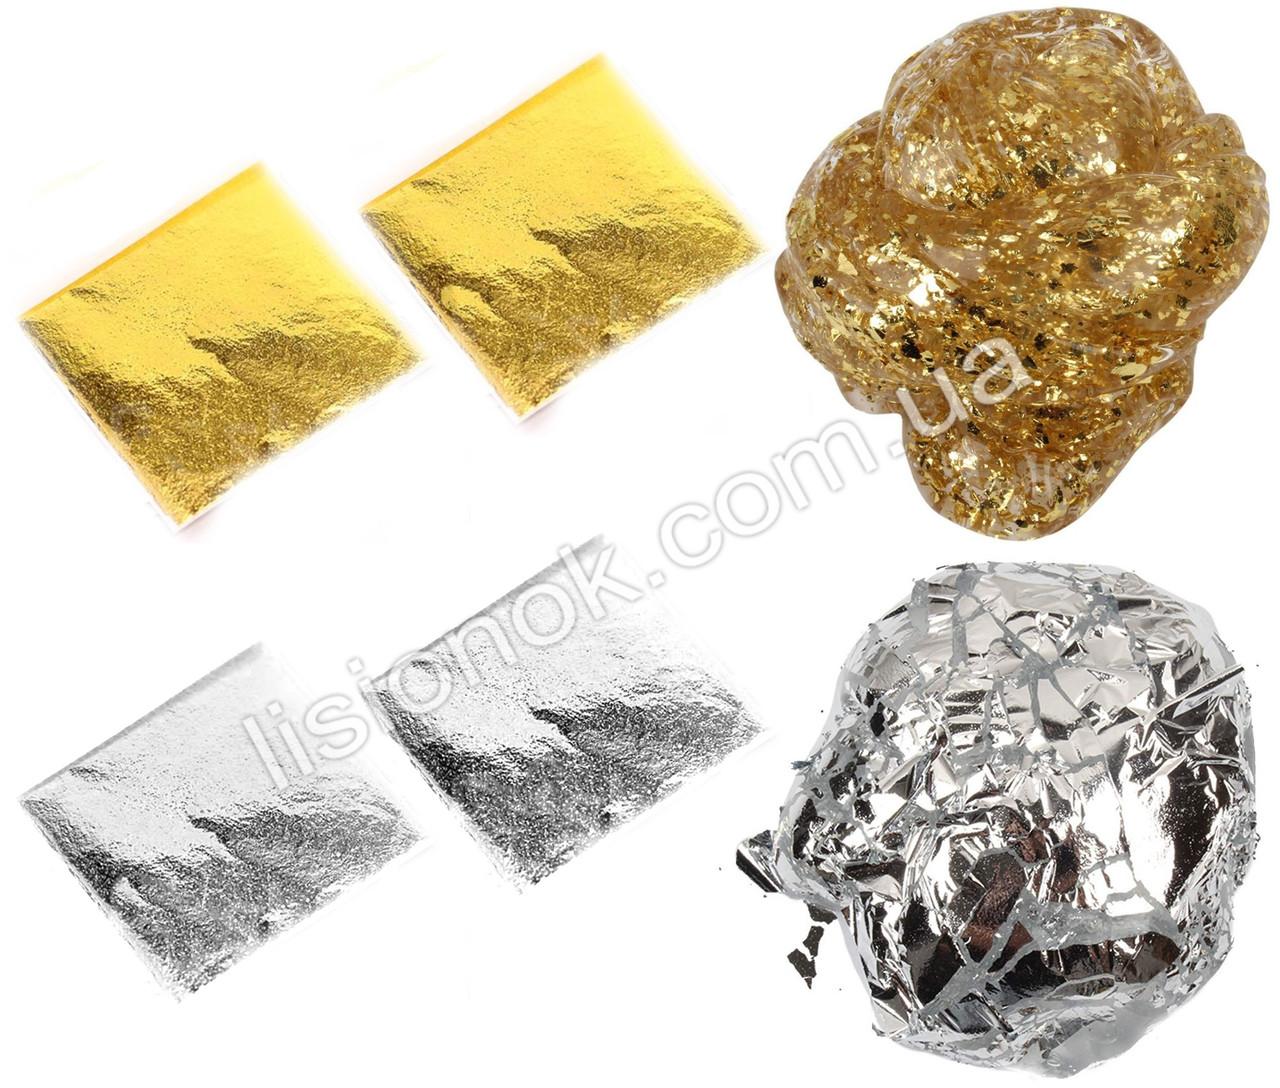 Наполнитель для слаймов – поталь золотая и серебряная (4 листа по 9см), добавки в слайм